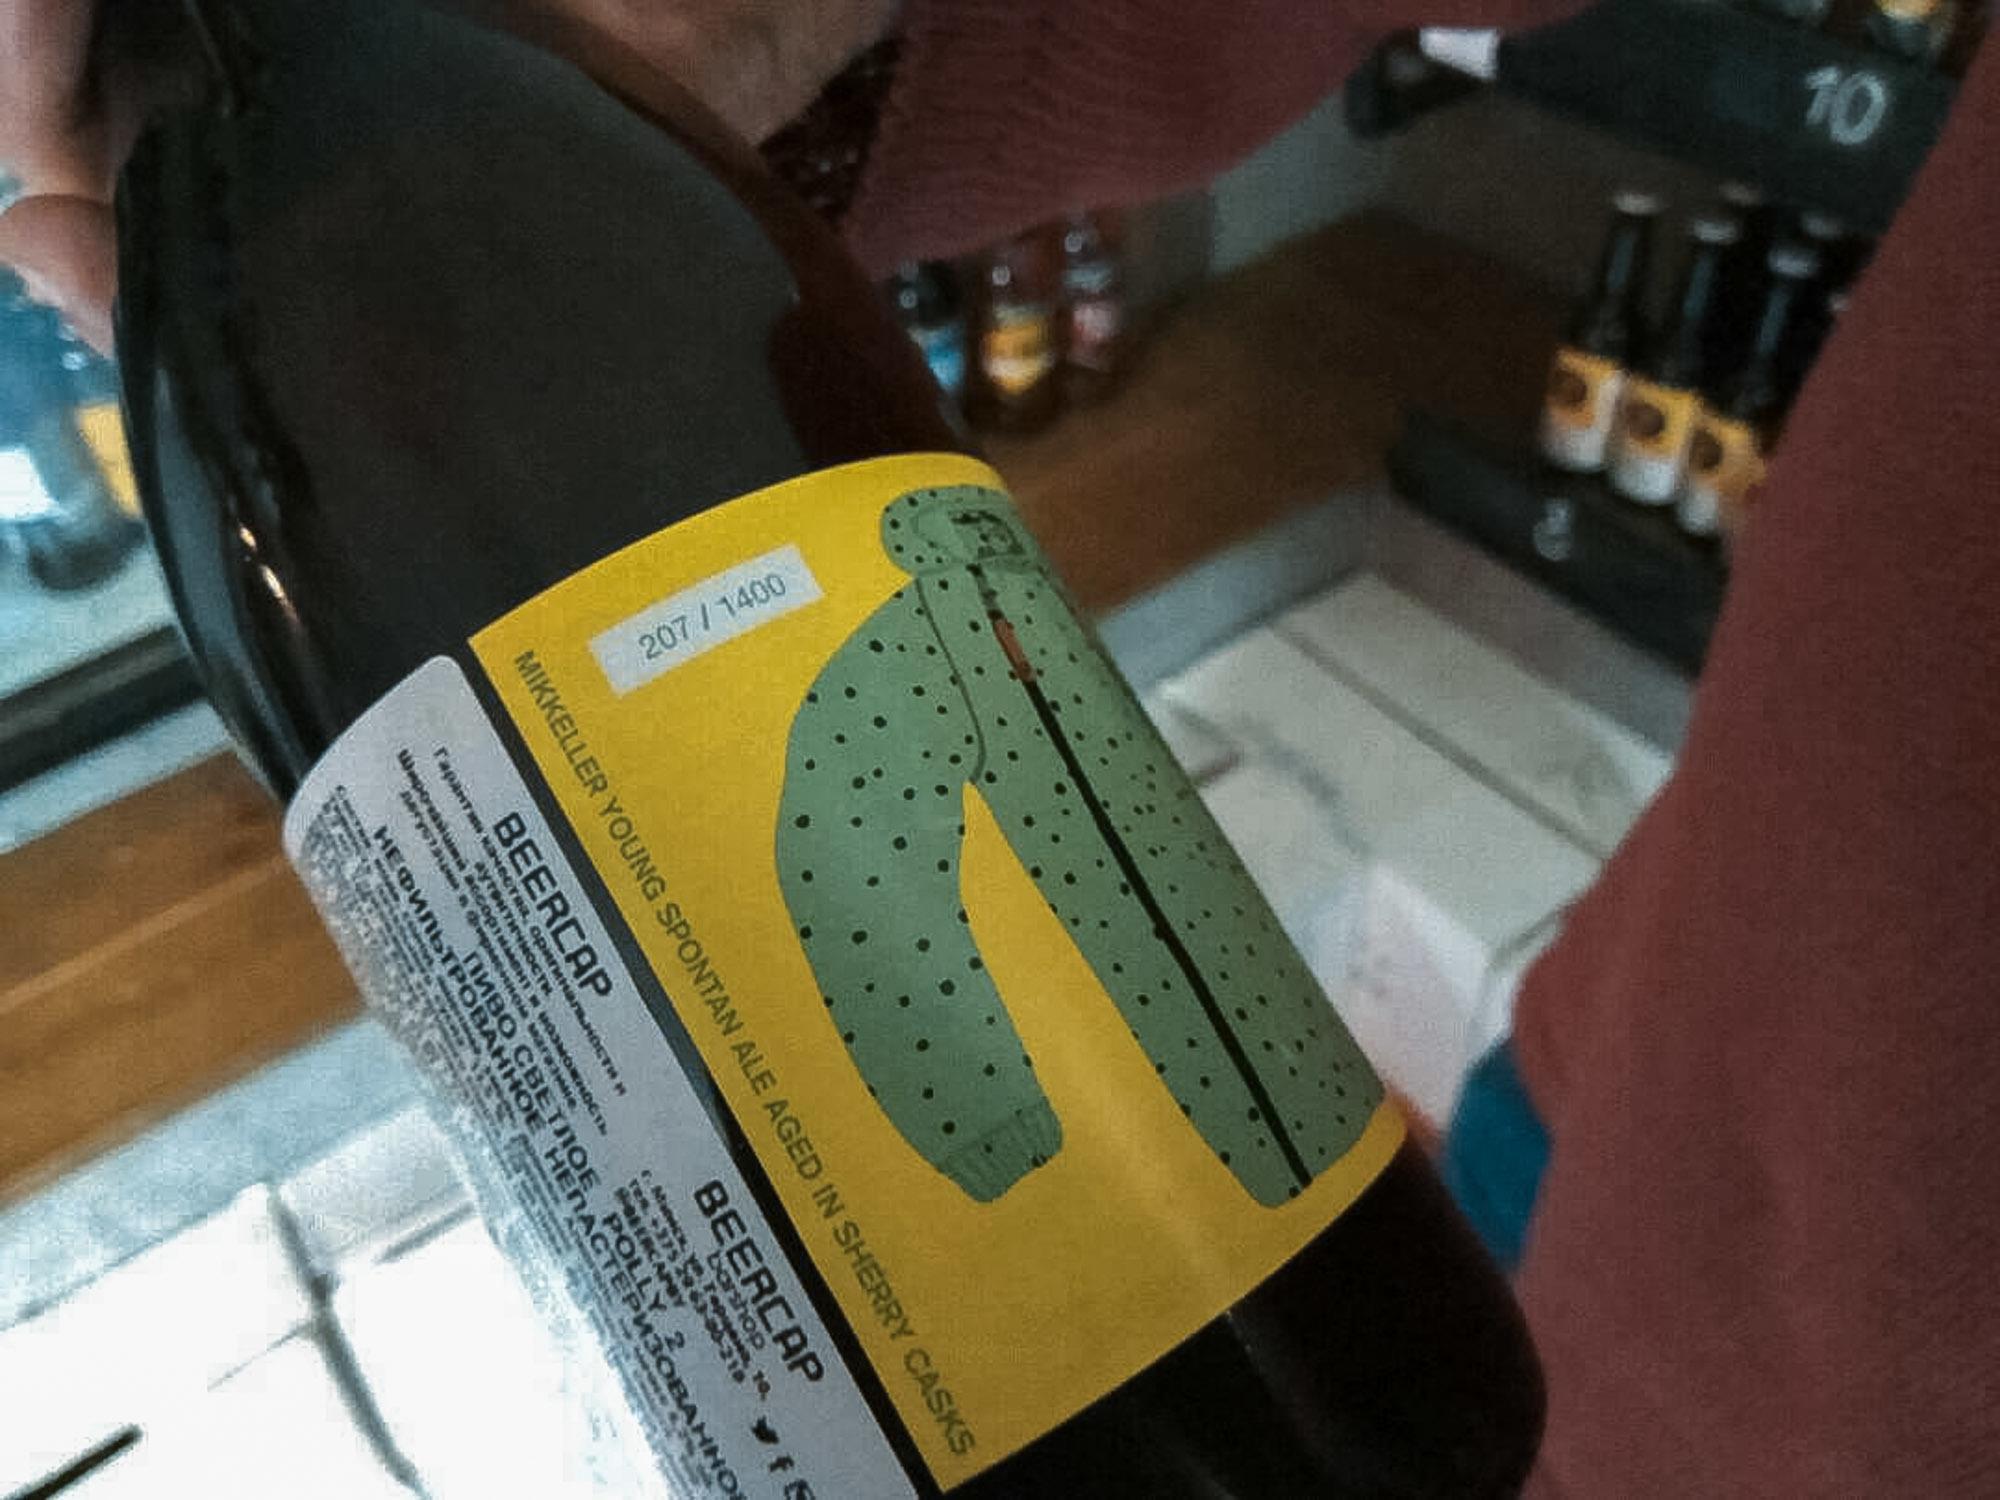 Пиво, которое стоит 45 рублей